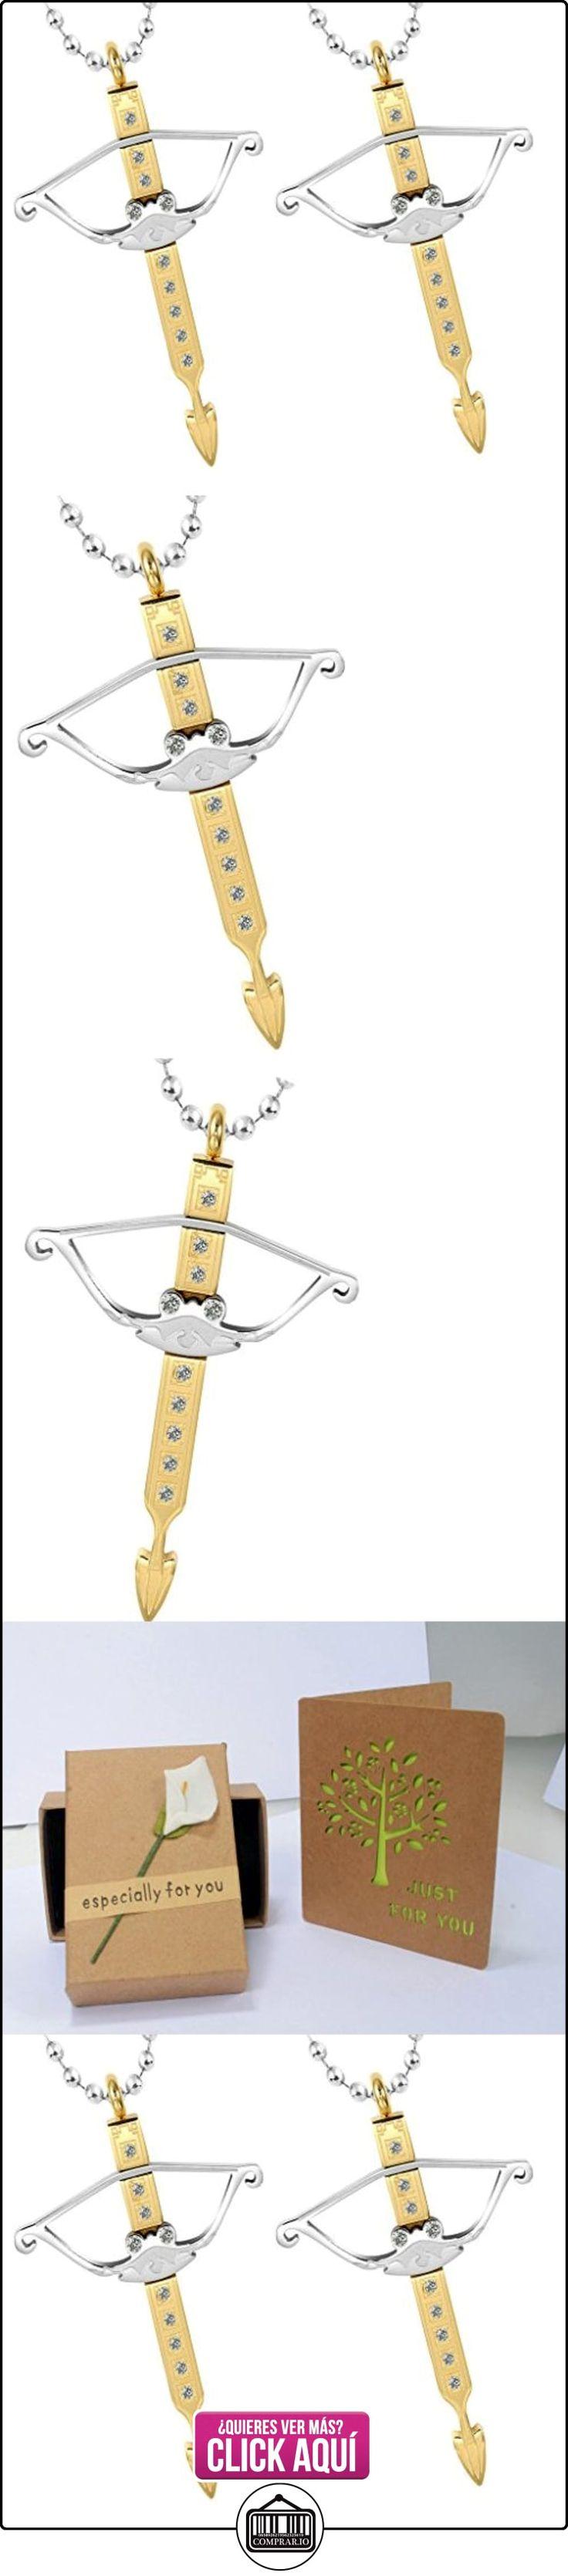 Daesar Conjuntos de Joyería Colgante Collar Acero Hombre, Arco y Flecha Colgante Circonita  ✿ Joyas para niños - Regalos ✿ ▬► Ver oferta: https://comprar.io/goto/B01CP6MUB8